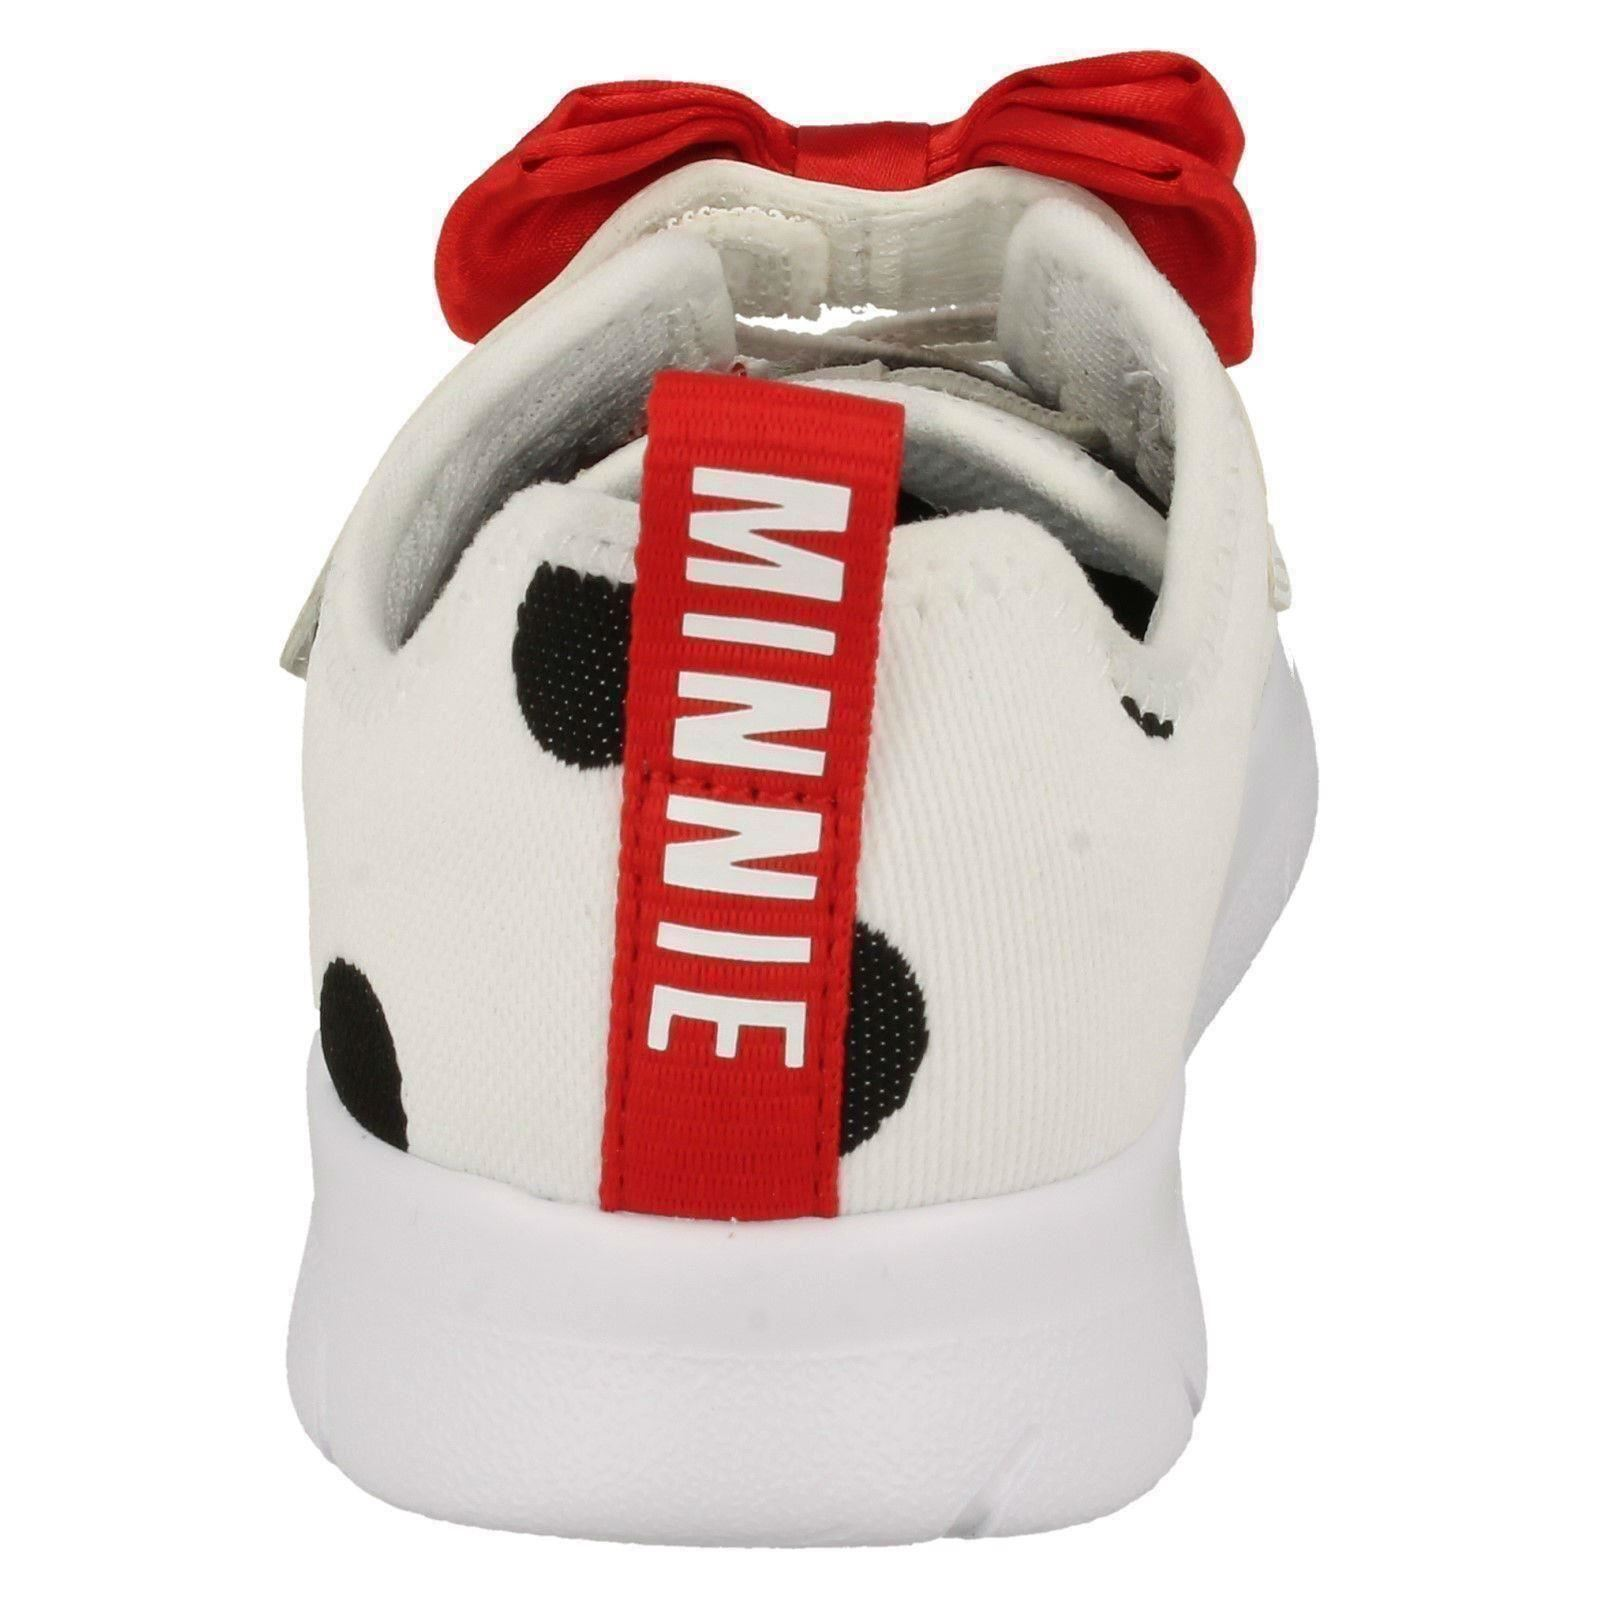 Ragazze Clarks Disney Minnie Mouse Fiocco Dettagliato Scarpe Sportive Ath